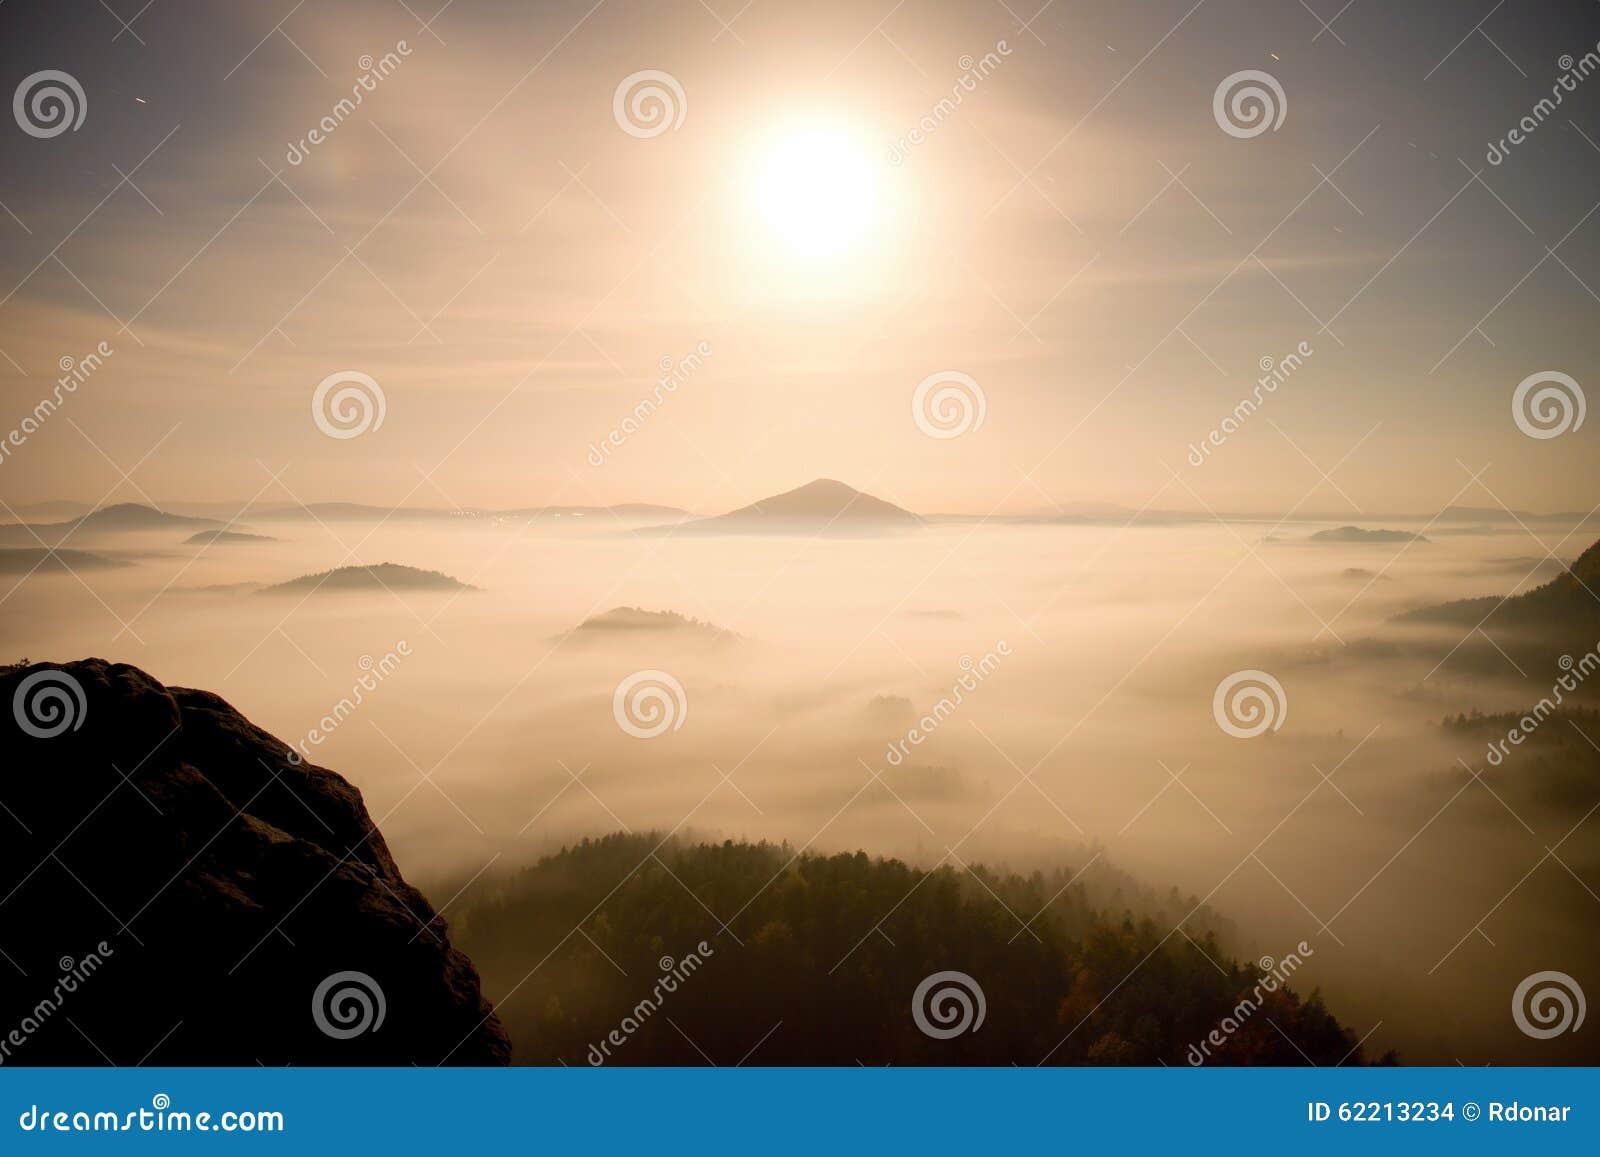 μεσάνυχτα Νύχτα πανσελήνων σε ένα όμορφο βουνό της Βοημίας-Σαξωνίας Ελβετία Λοφώδη αιχμές και δέντρα που αυξάνονται από τη βαριά